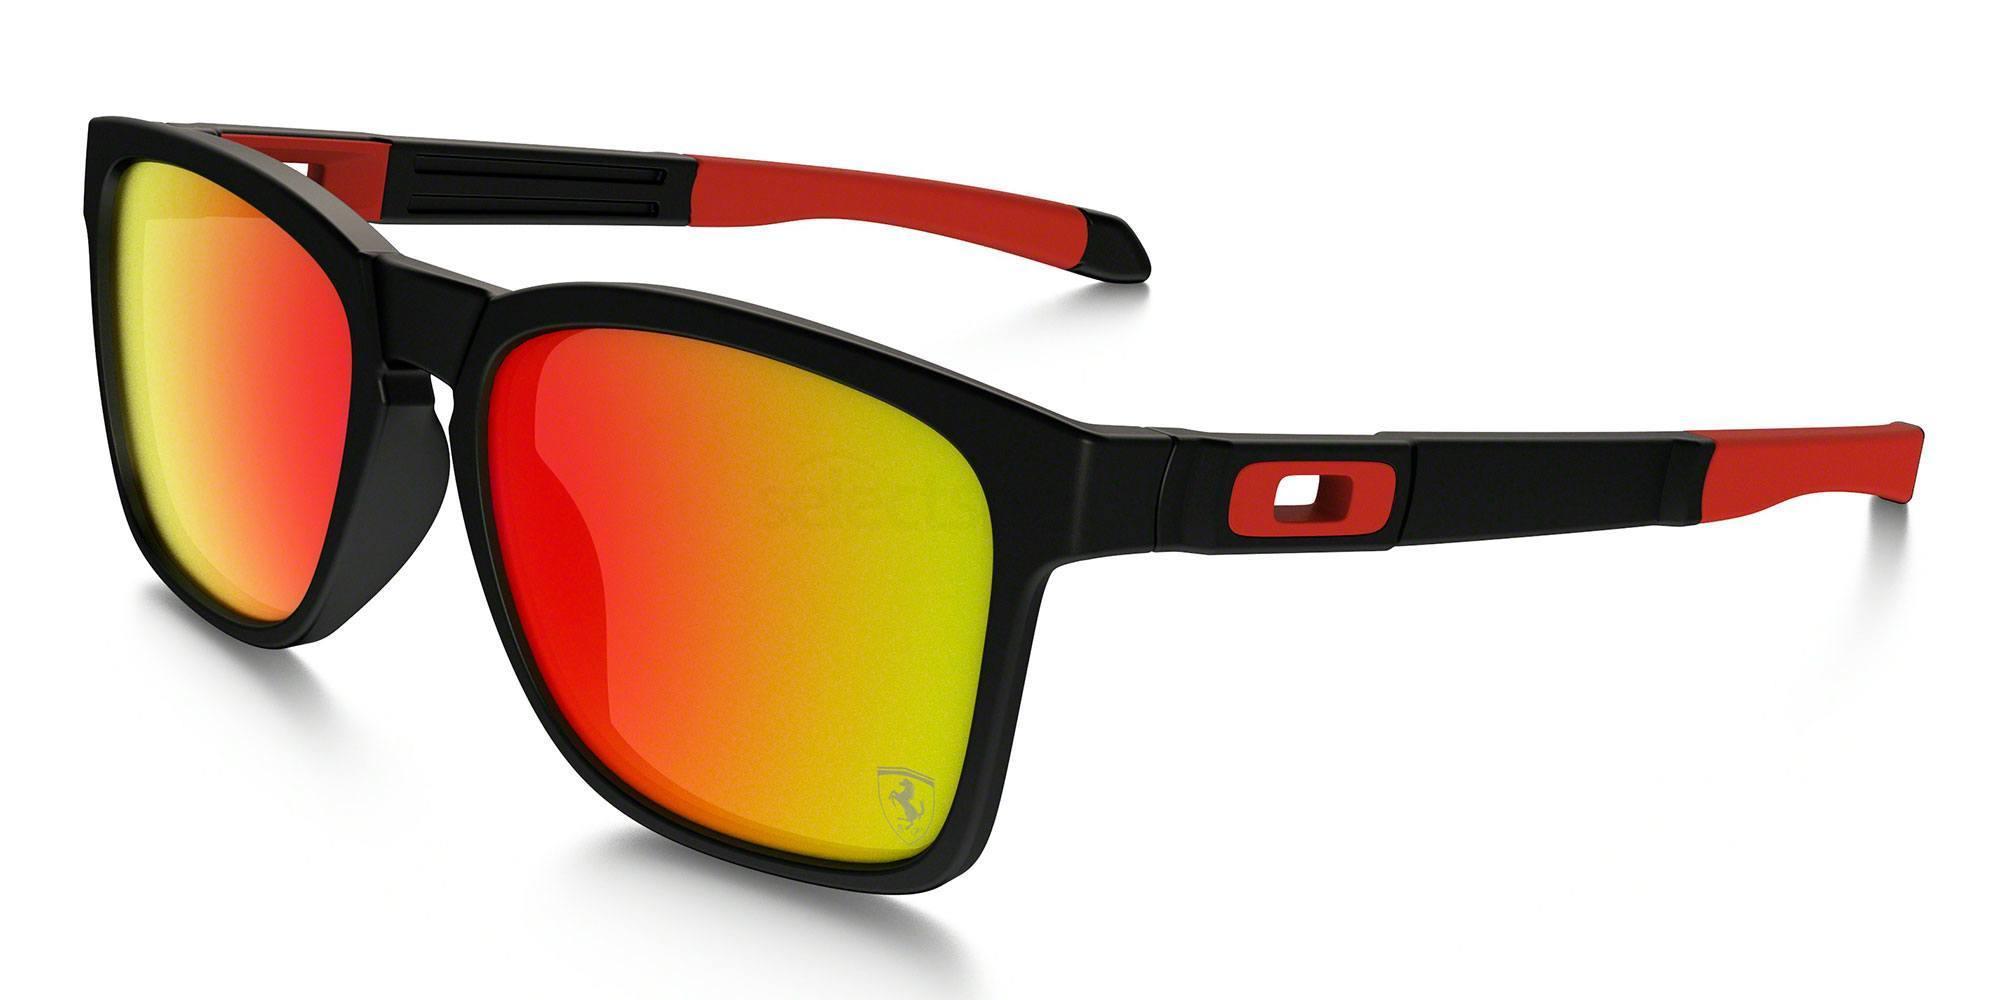 927207 OO9272 SCUDERIA FERRARI COLLECTION CATALYST Sunglasses, Oakley